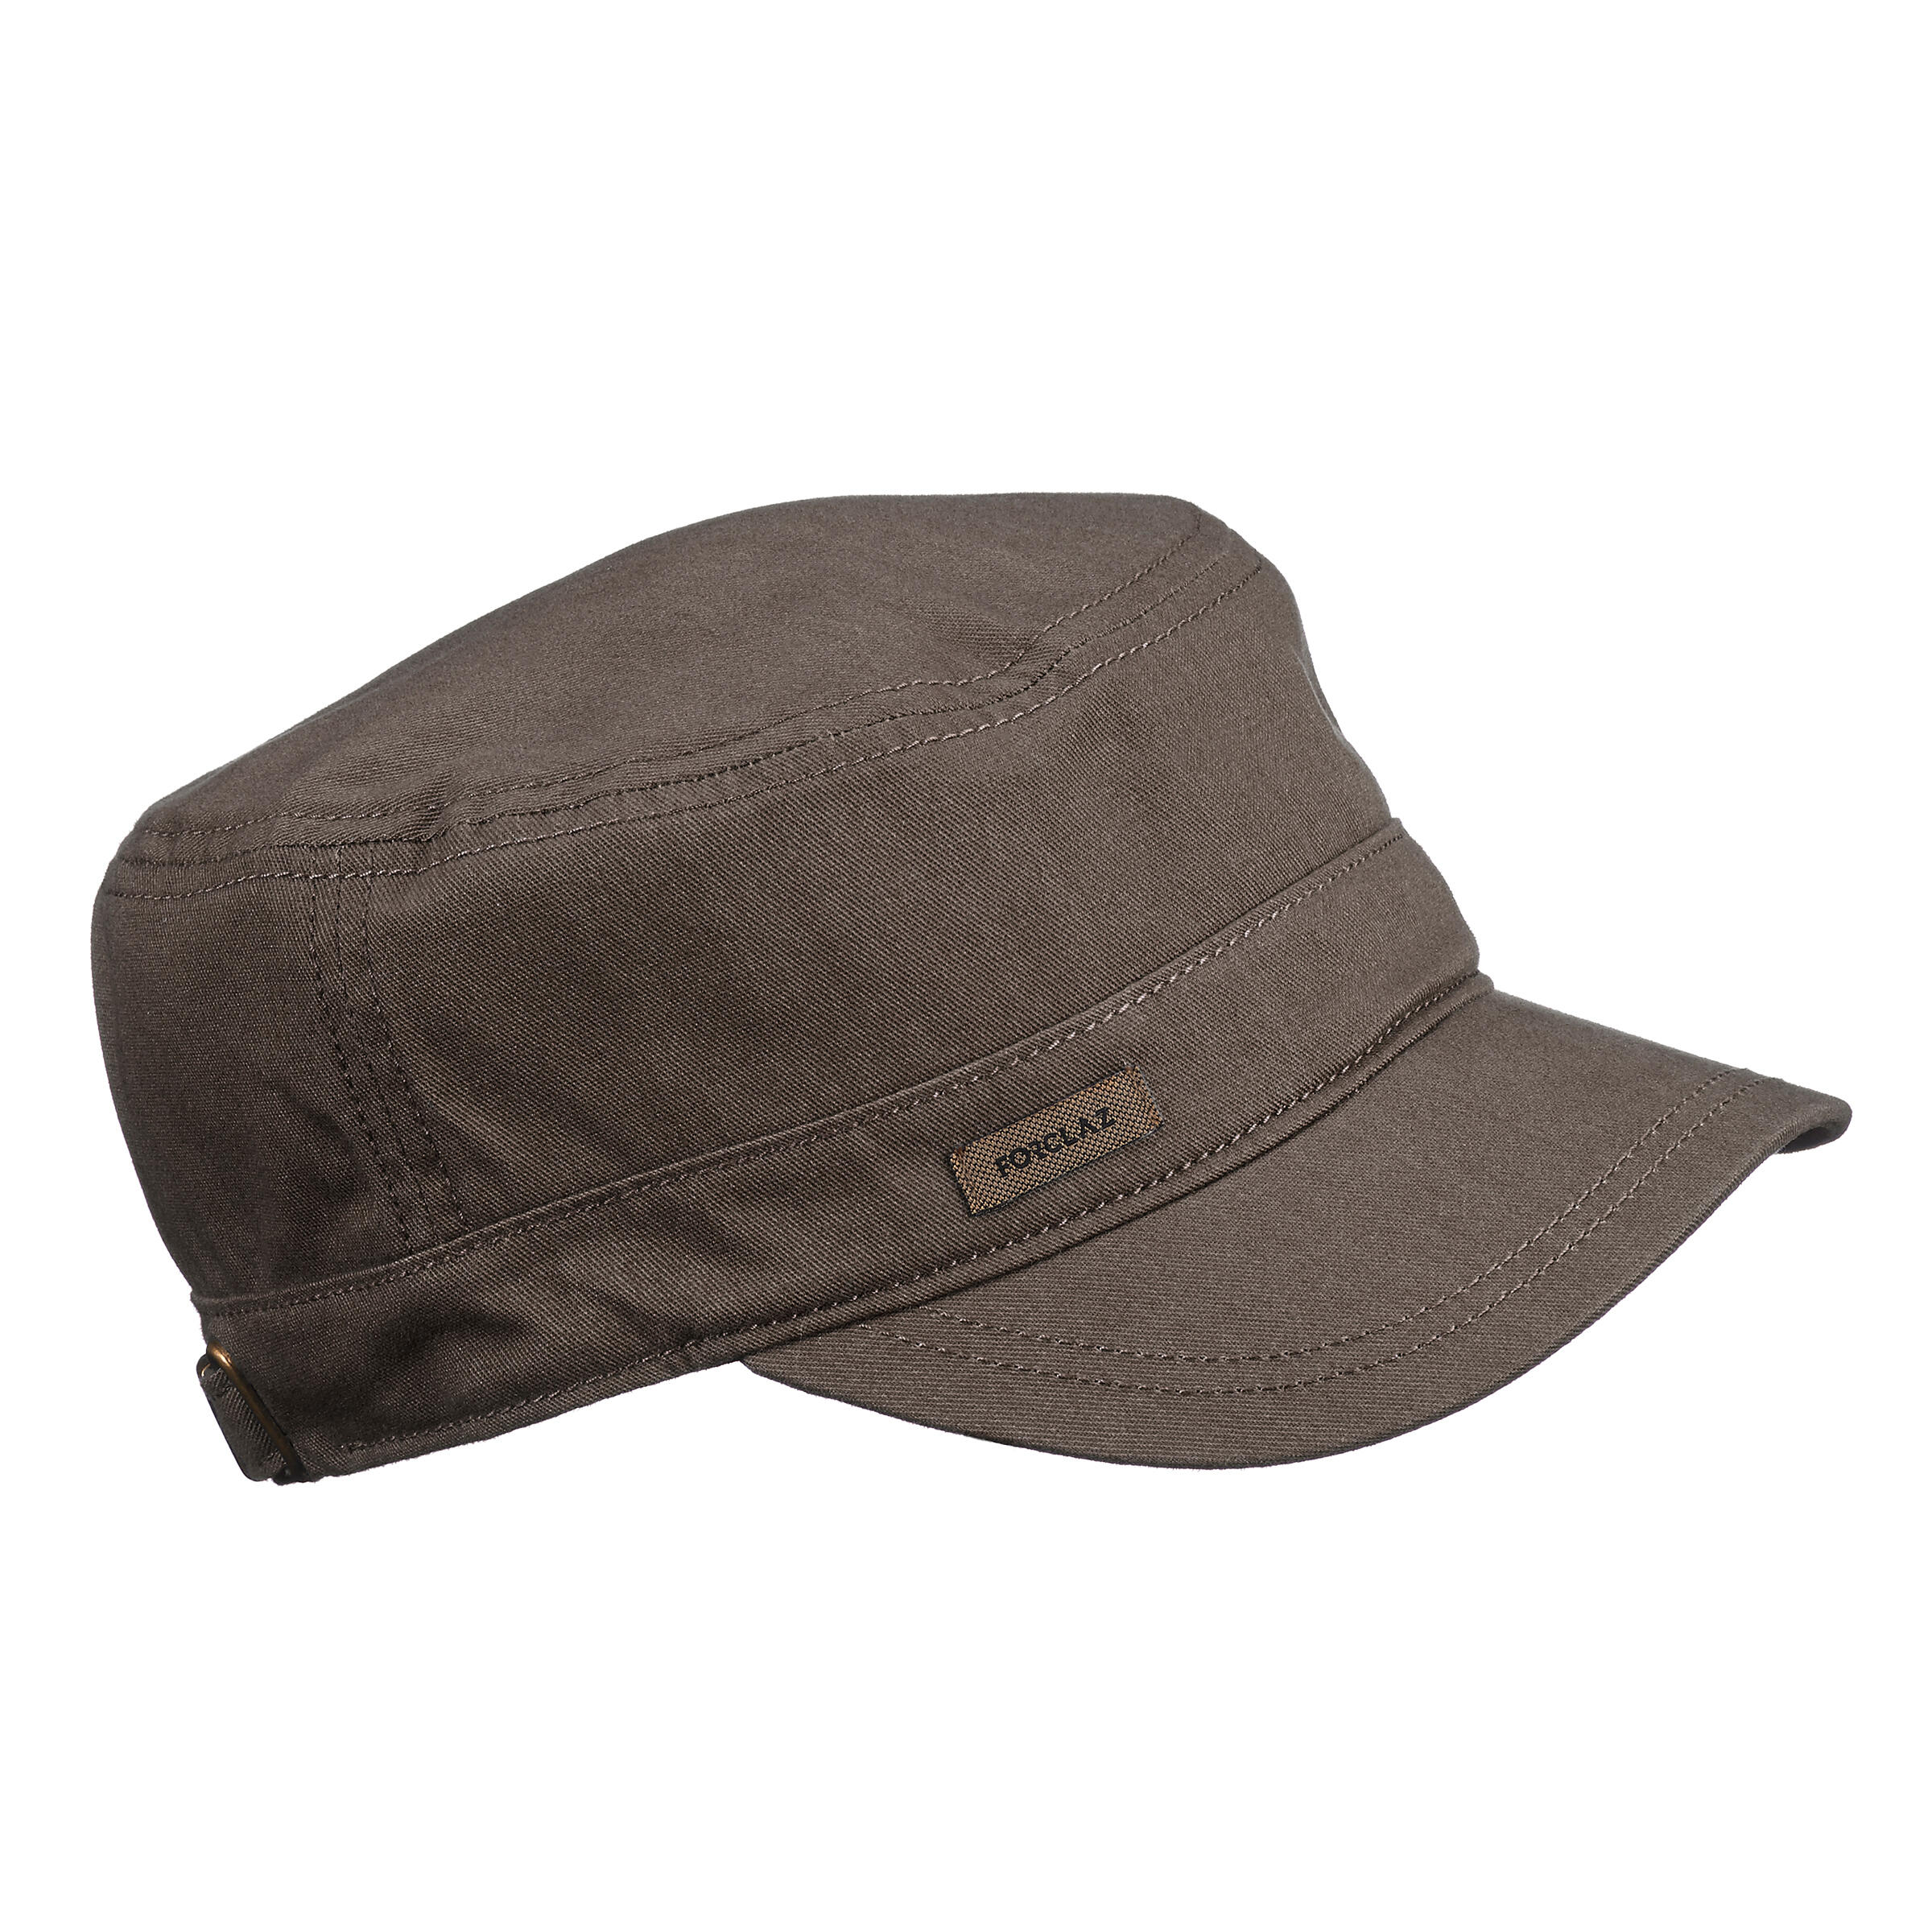 Hiking cap 500 Brown